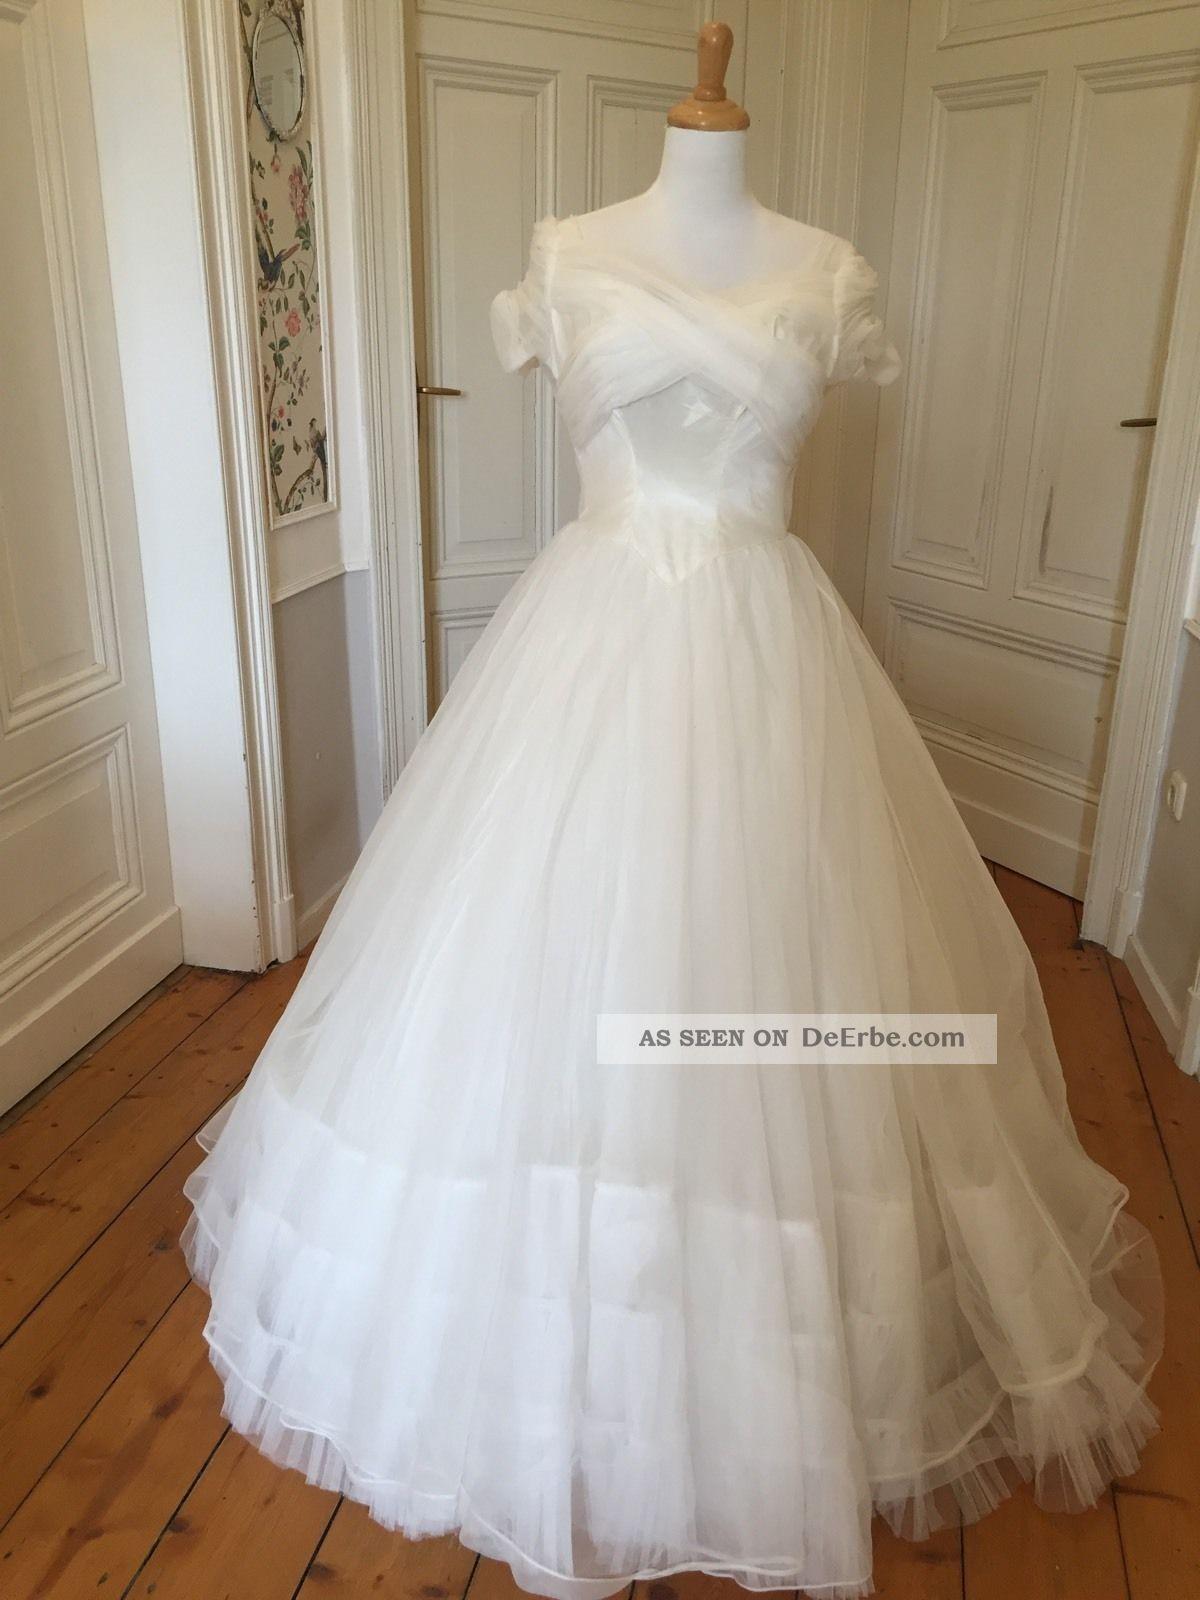 Erfreut 1950 Hochzeitskleid Zeitgenössisch - Brautkleider Ideen ...